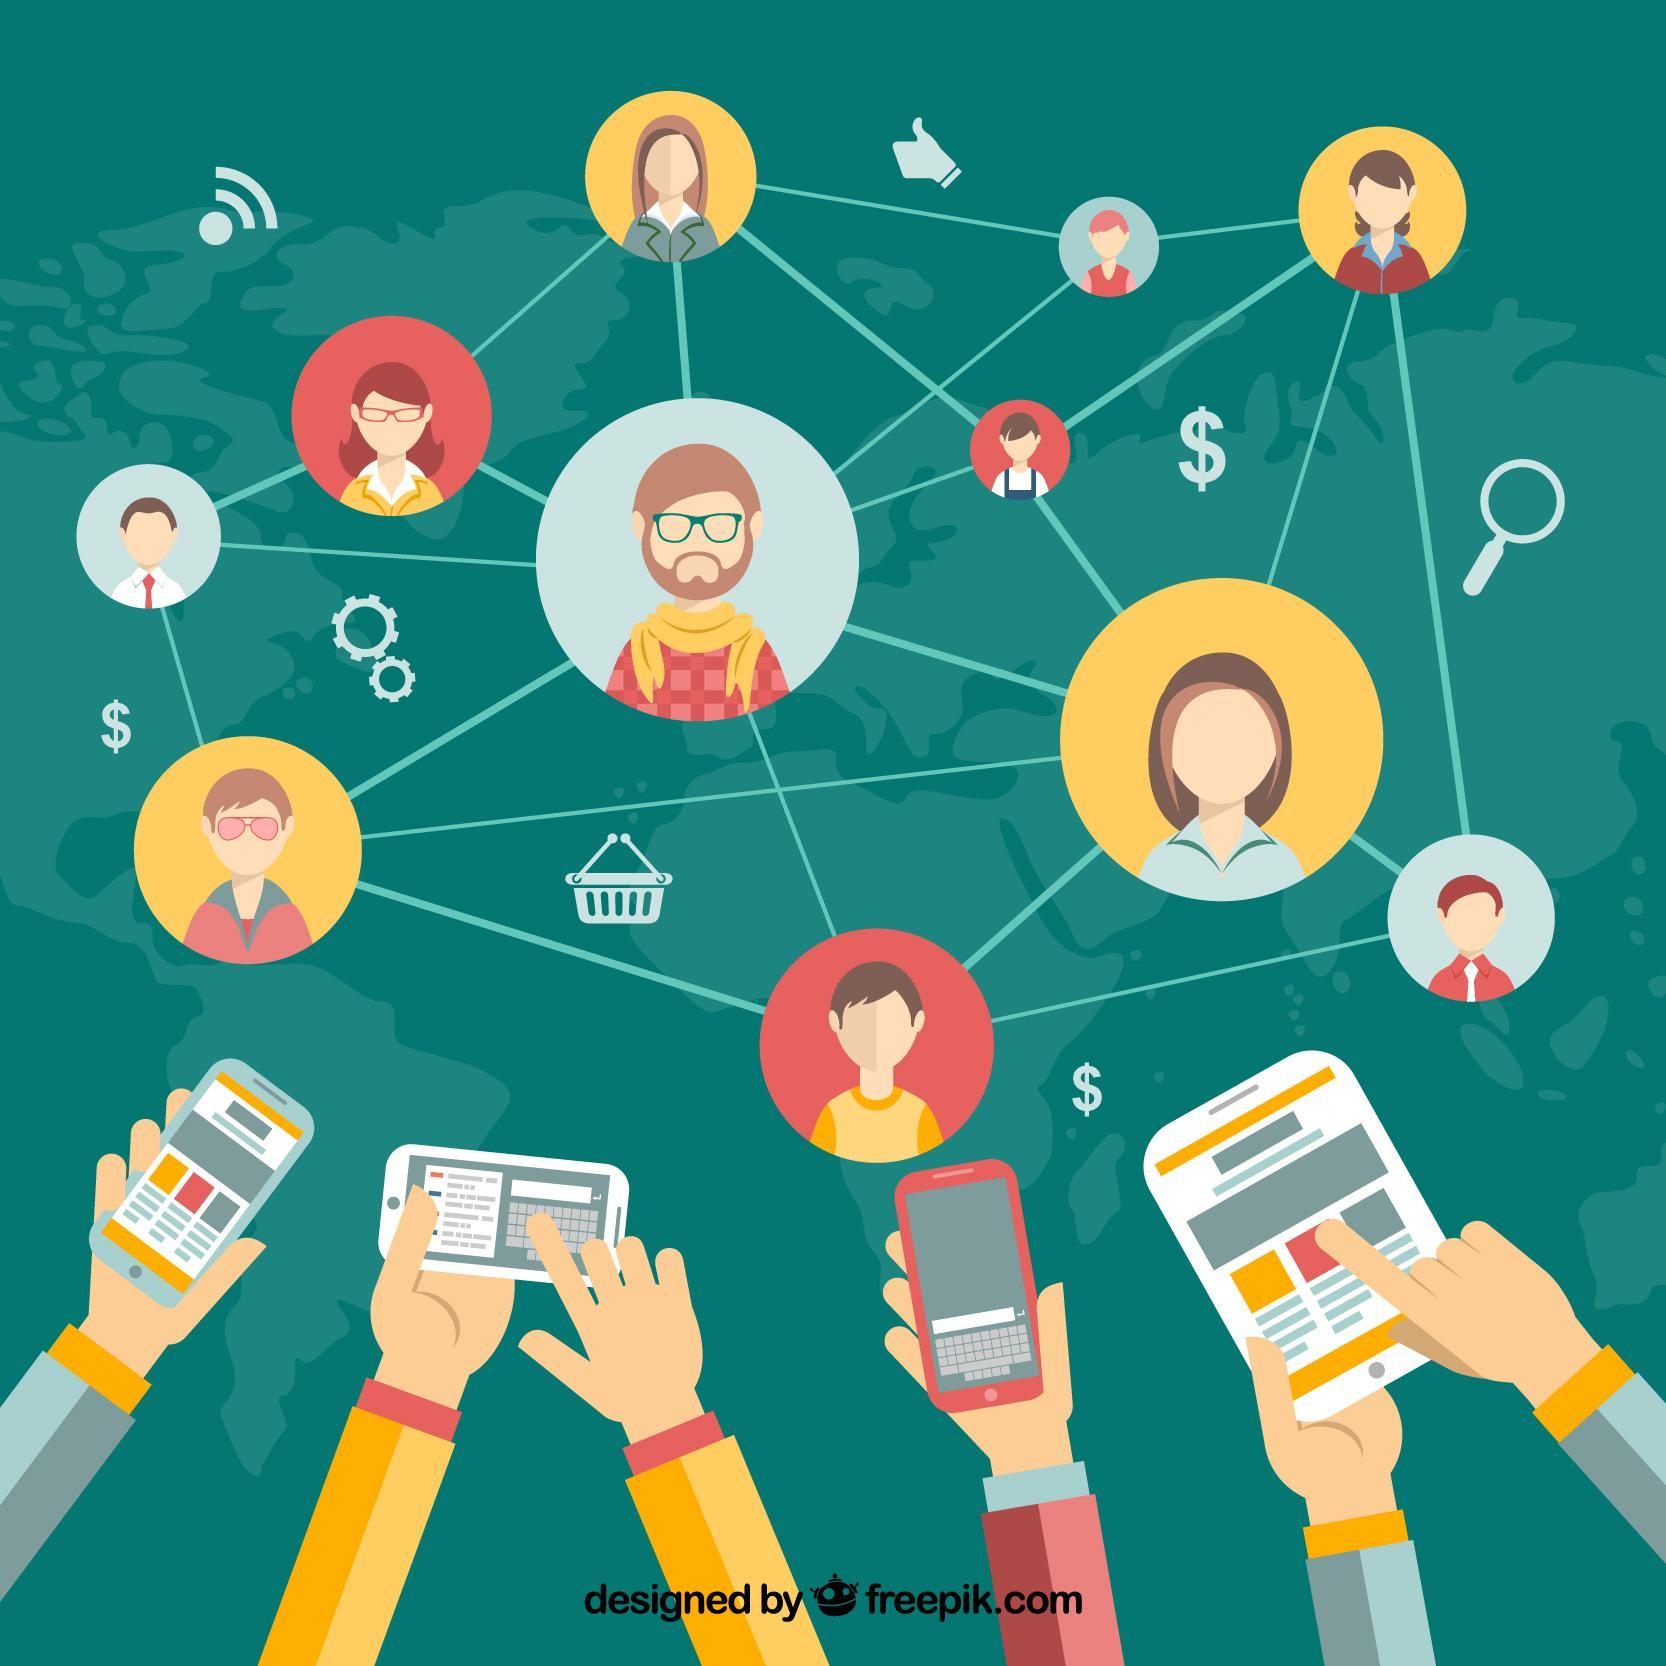 Leichter gesagt als getan: Wie man Social Media Brand Communities erfolgreich verwaltet und zum Leben erweckt.